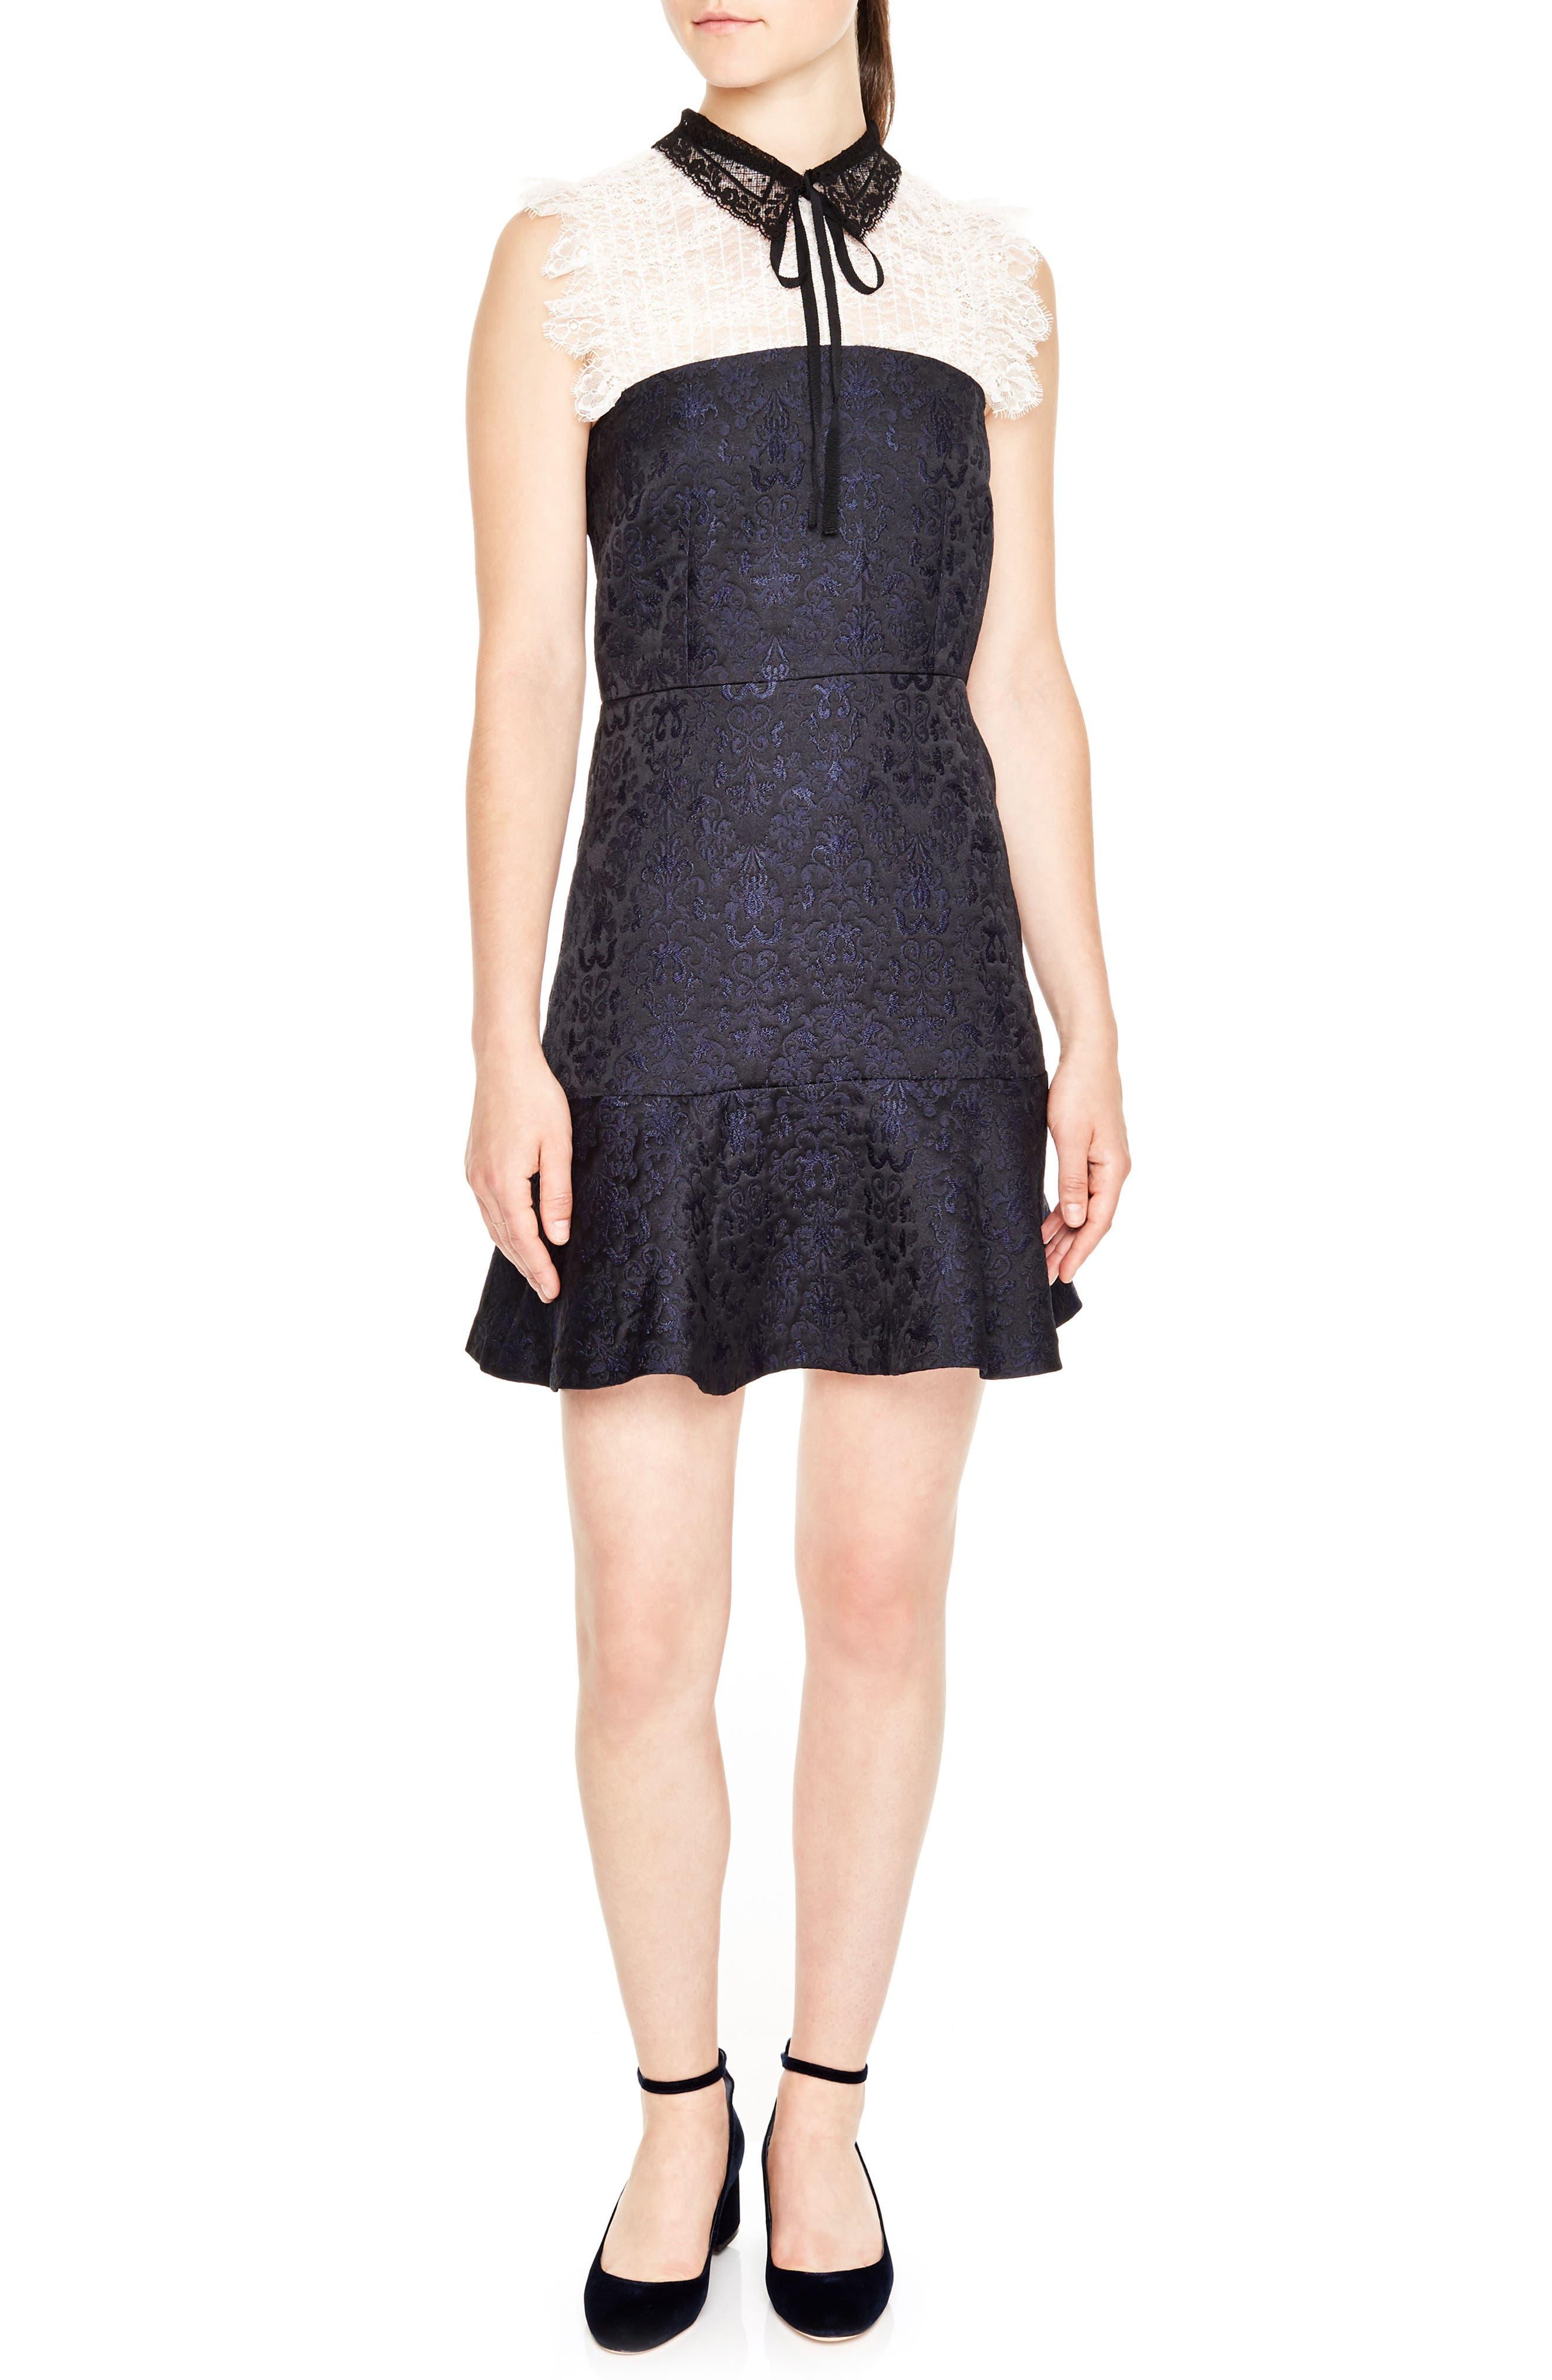 Lace Yoke Jacquard A-Line Dress,                             Main thumbnail 1, color,                             001